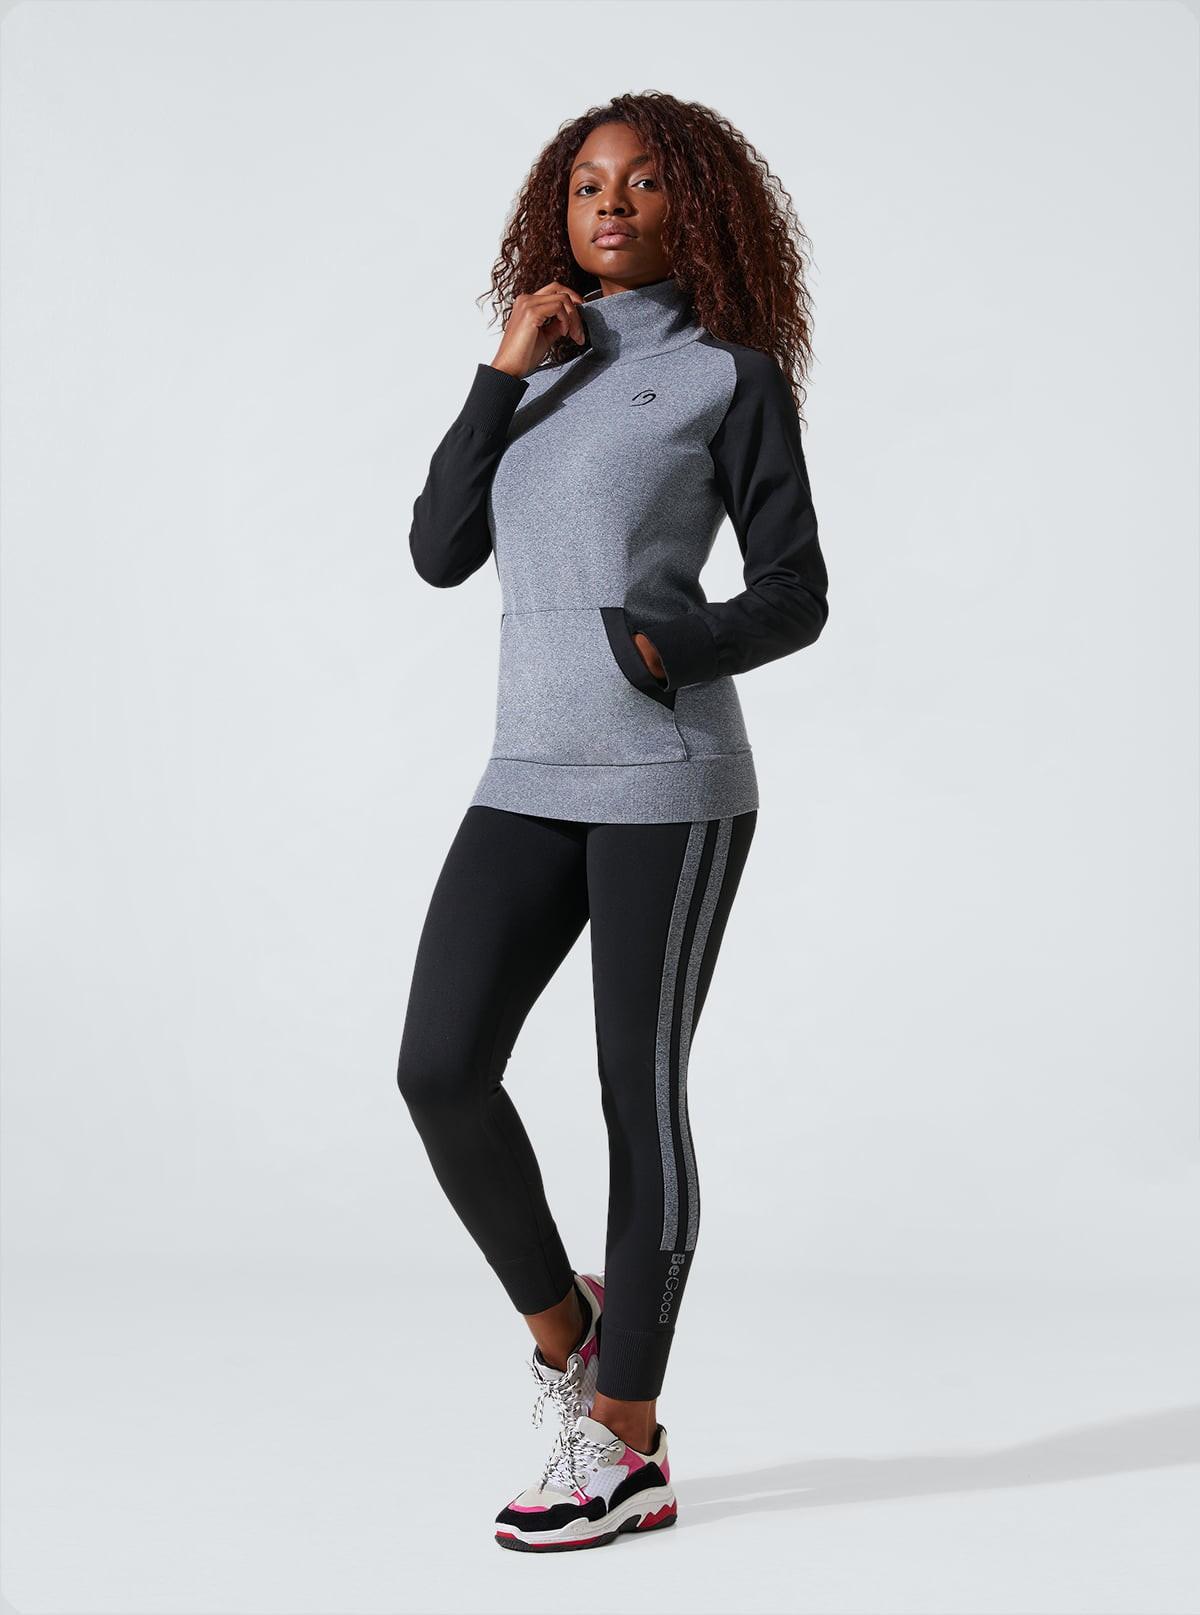 Survêtement confort, tenue de sport et loisirs drainant et hydratant